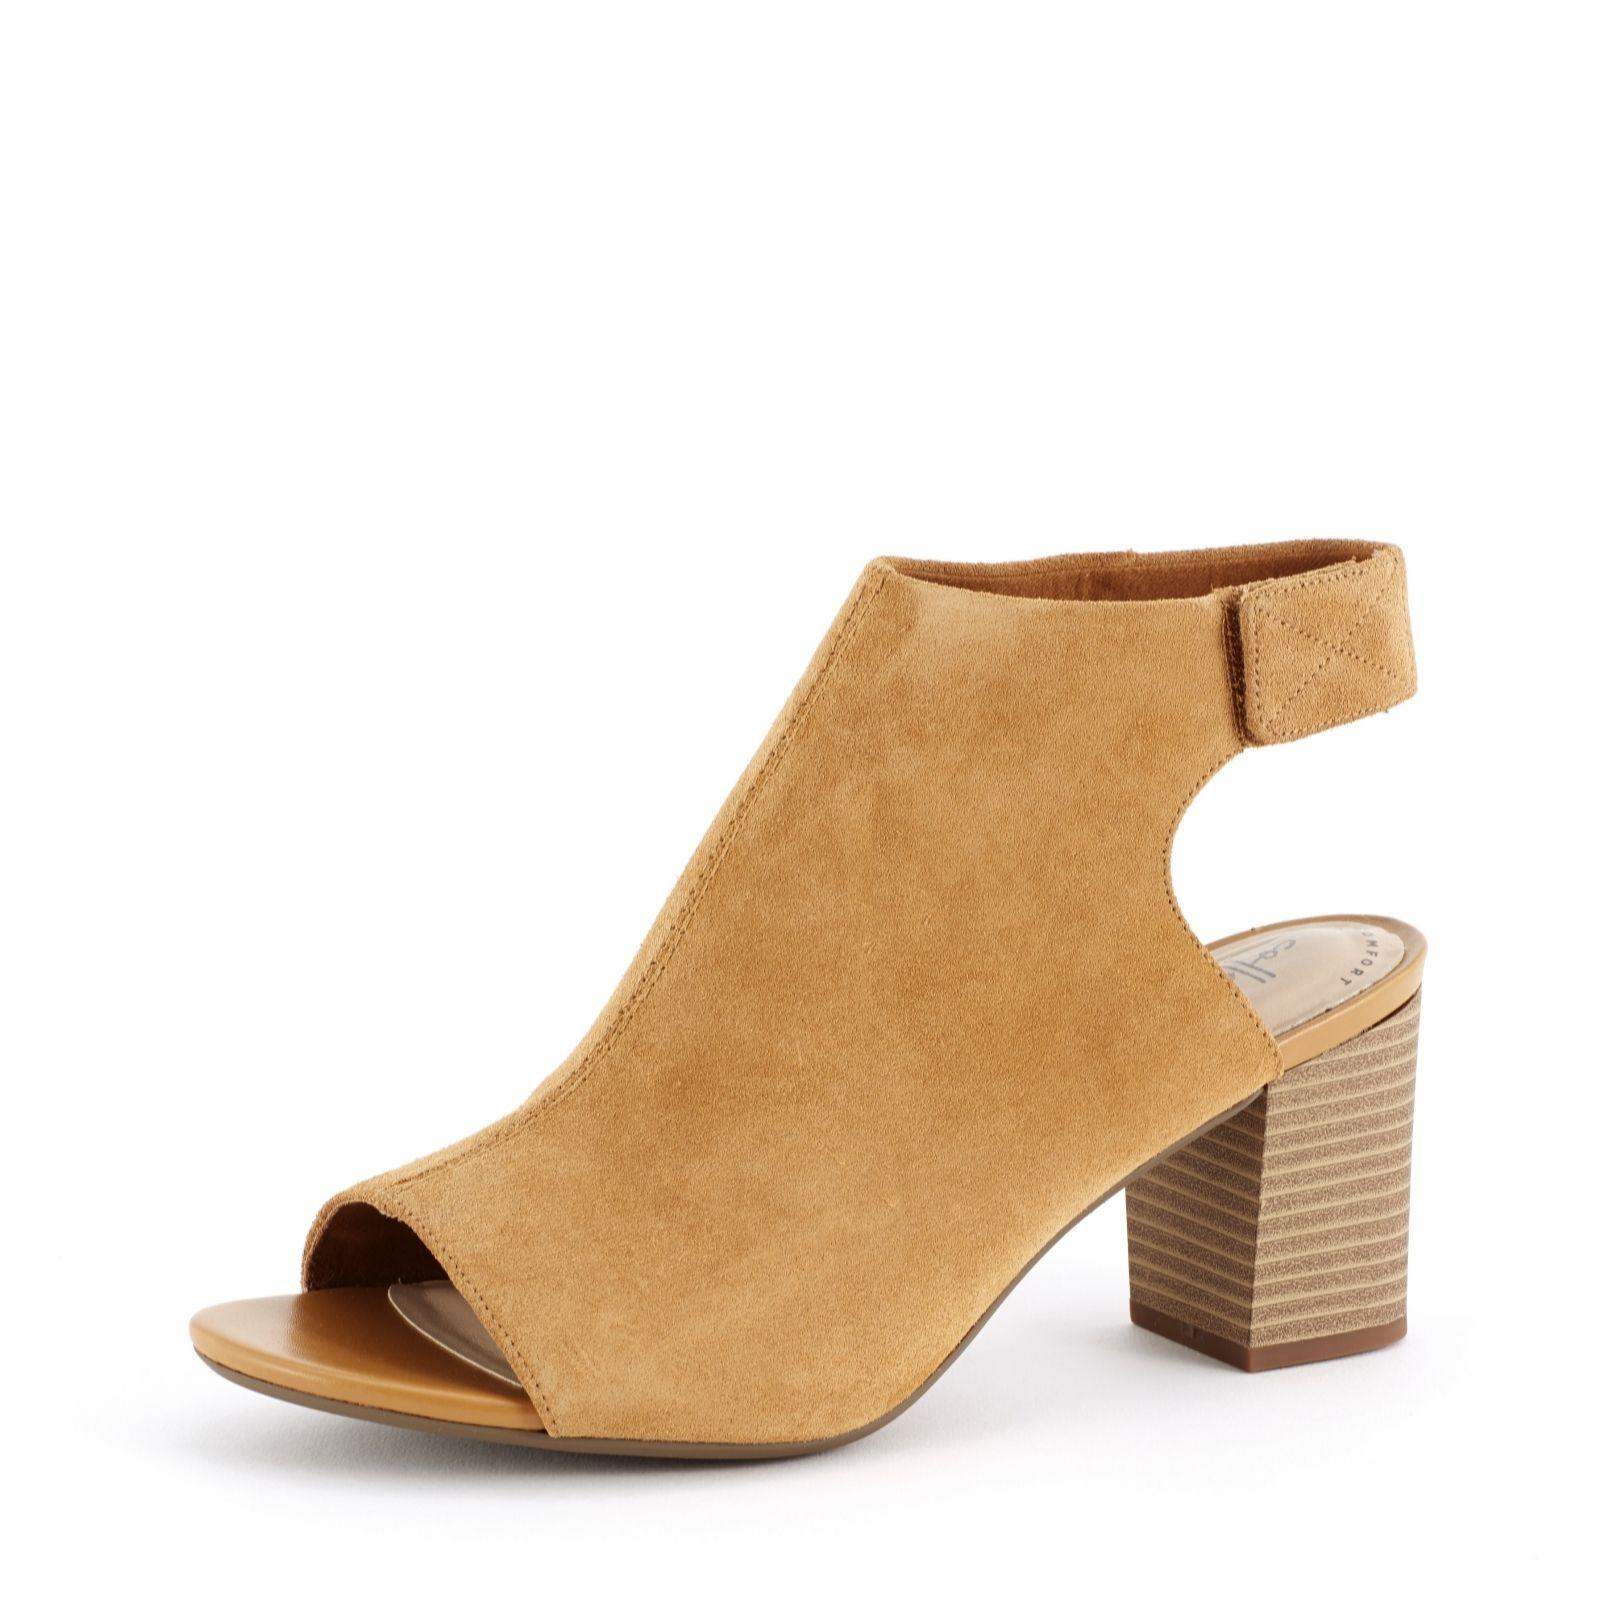 6ca939af7 Clarks Deva Bell Peeptoe Sandal Wide Fit - QVC UK